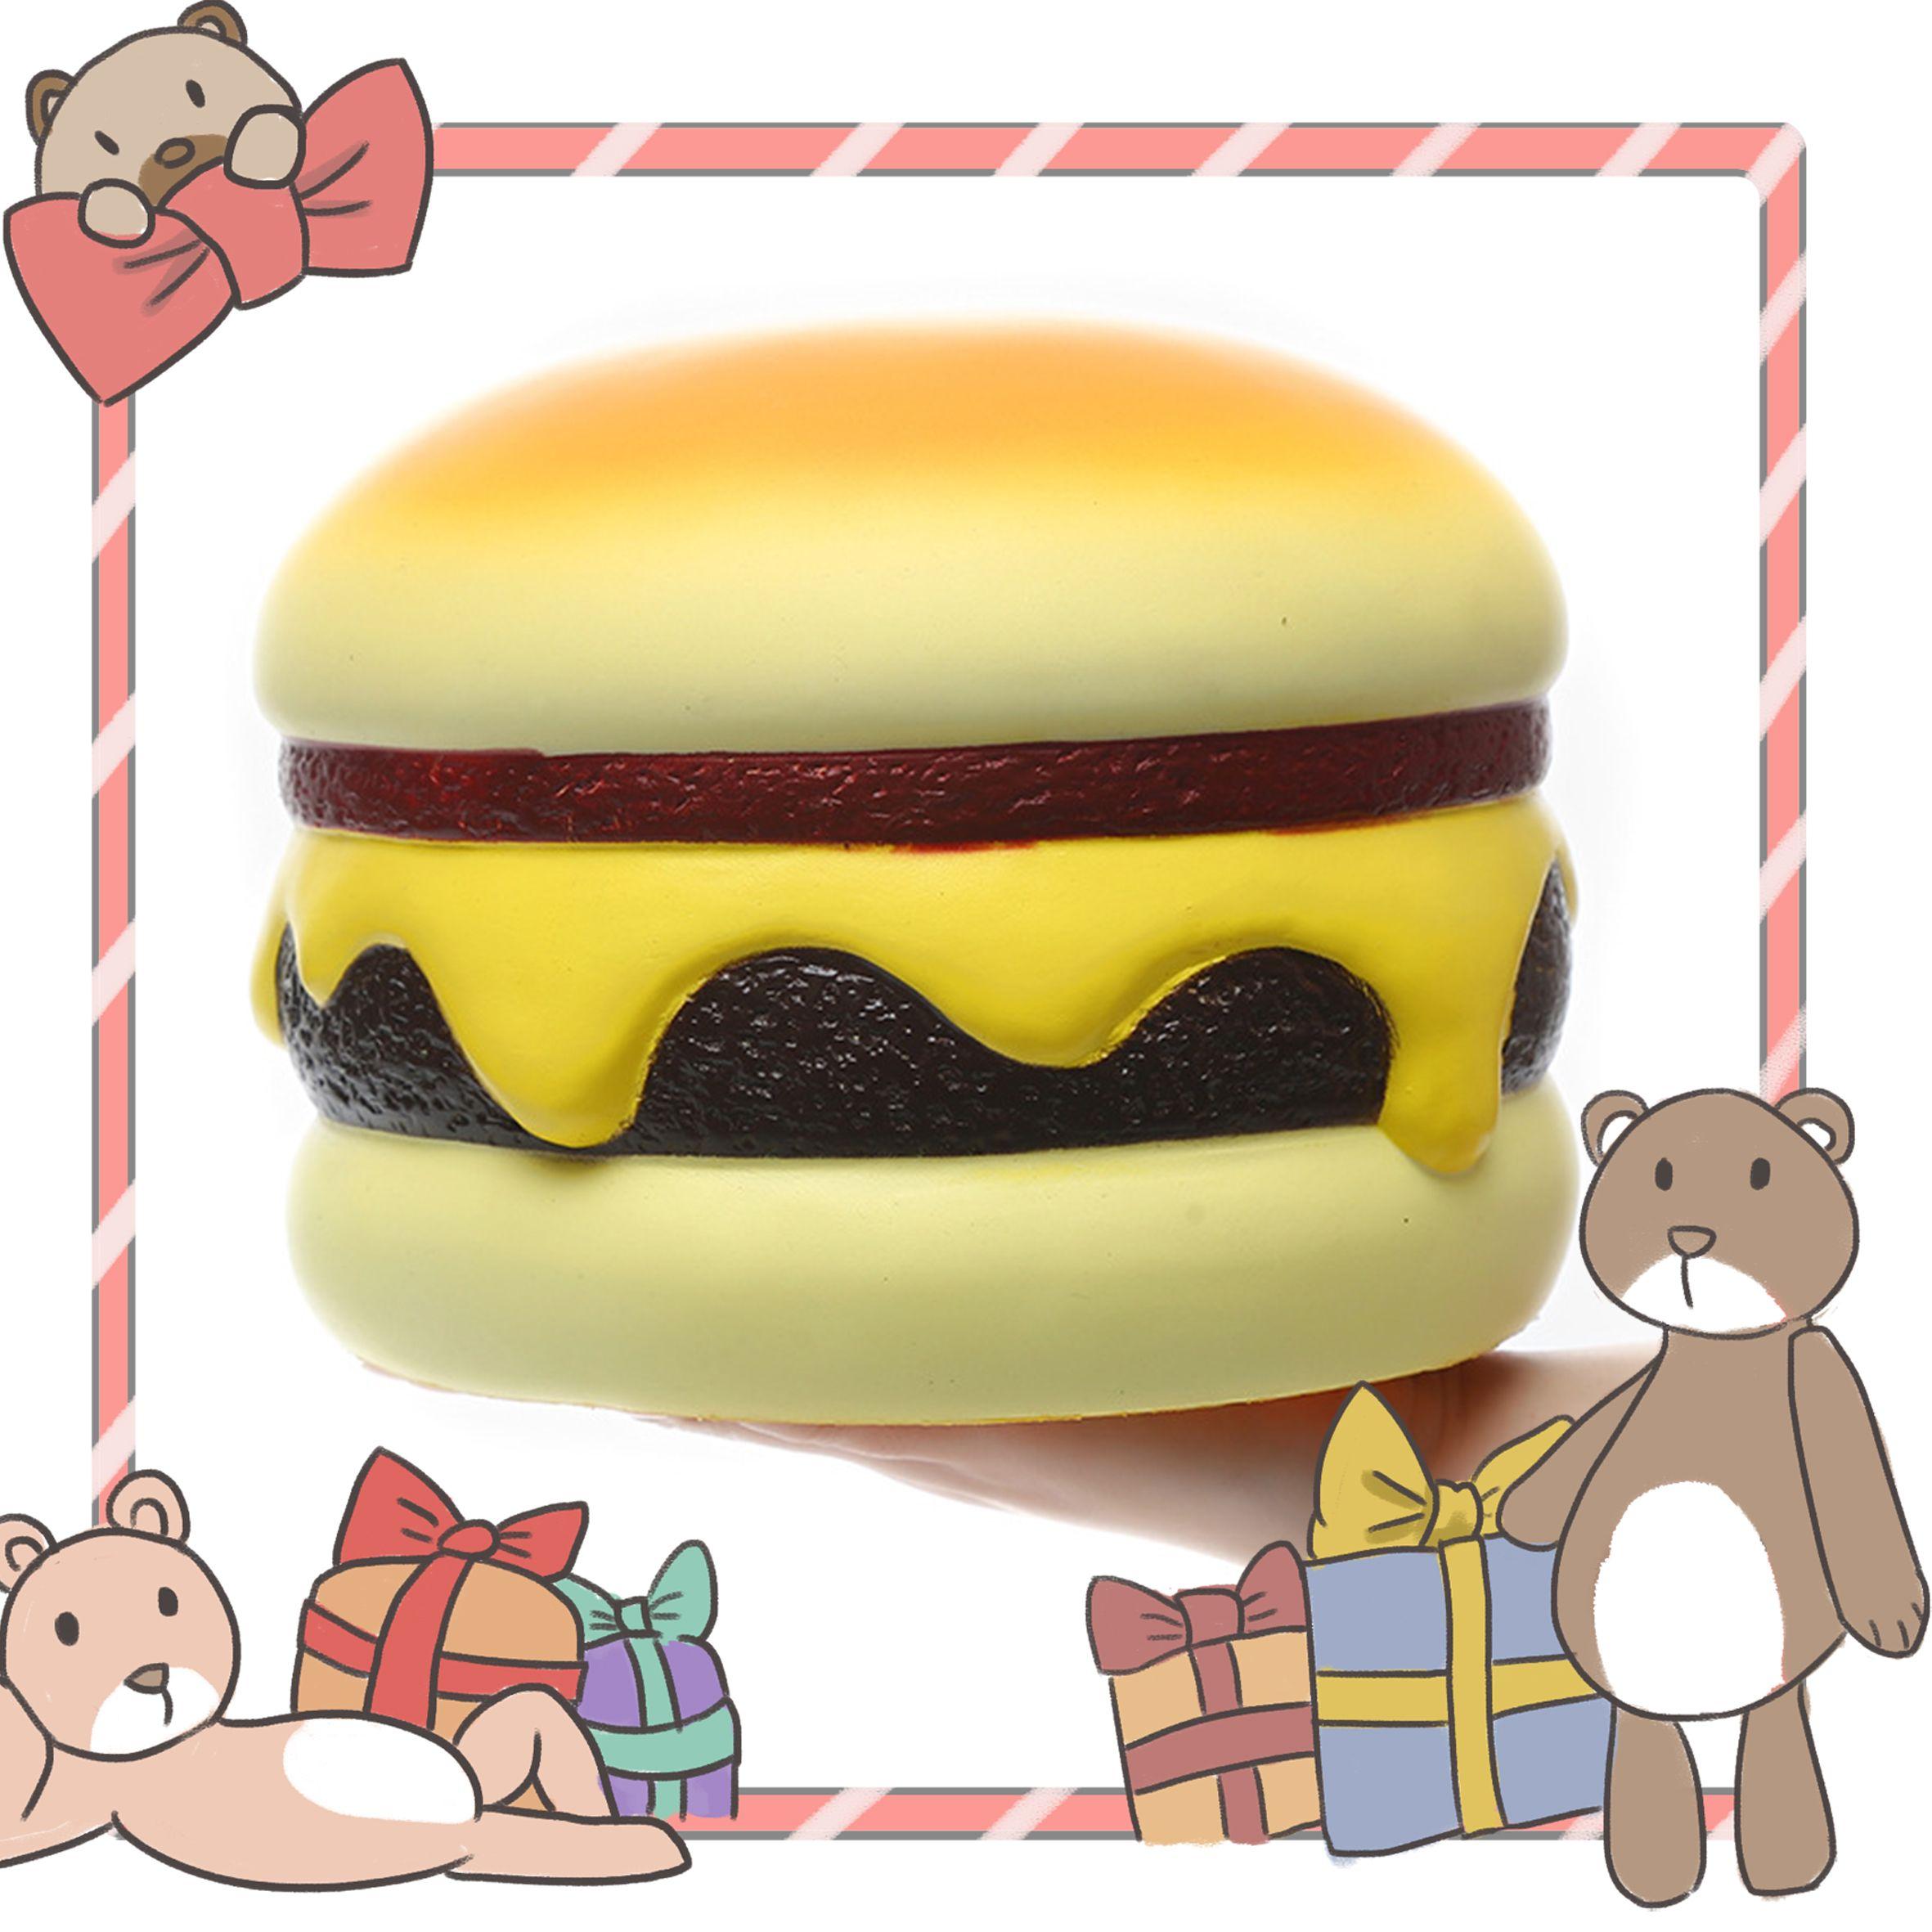 squishy 解压玩具 慢回弹汉堡 好玩不上火